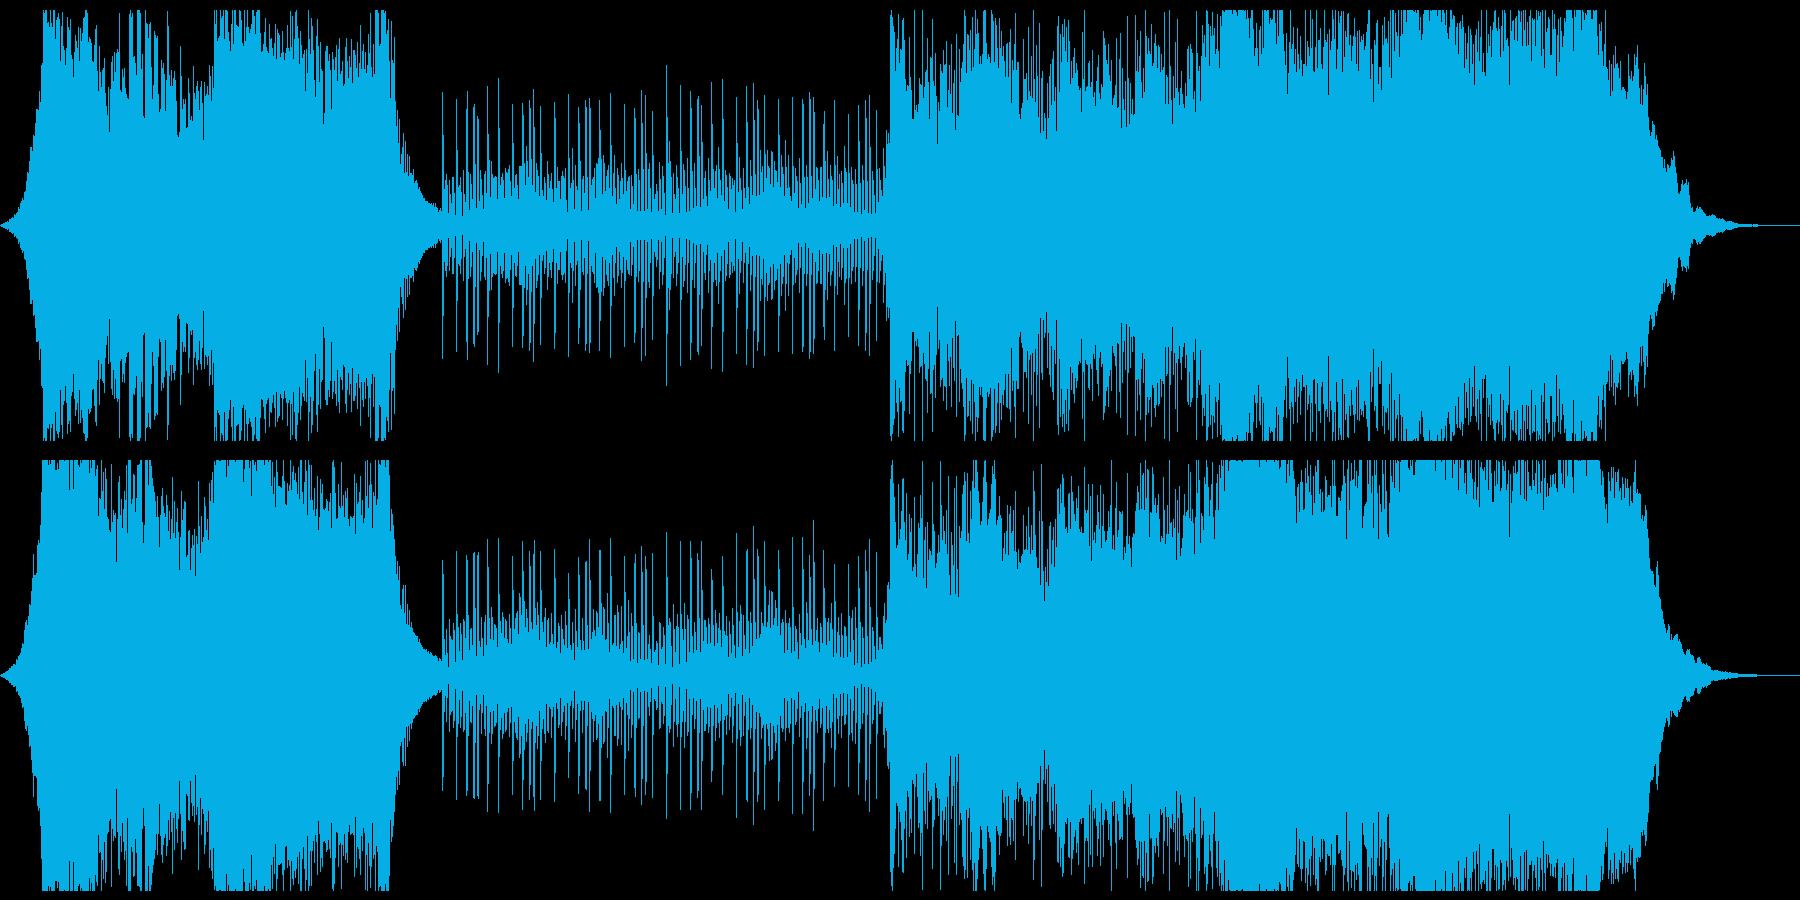 ハリウッド風オーケストラの再生済みの波形